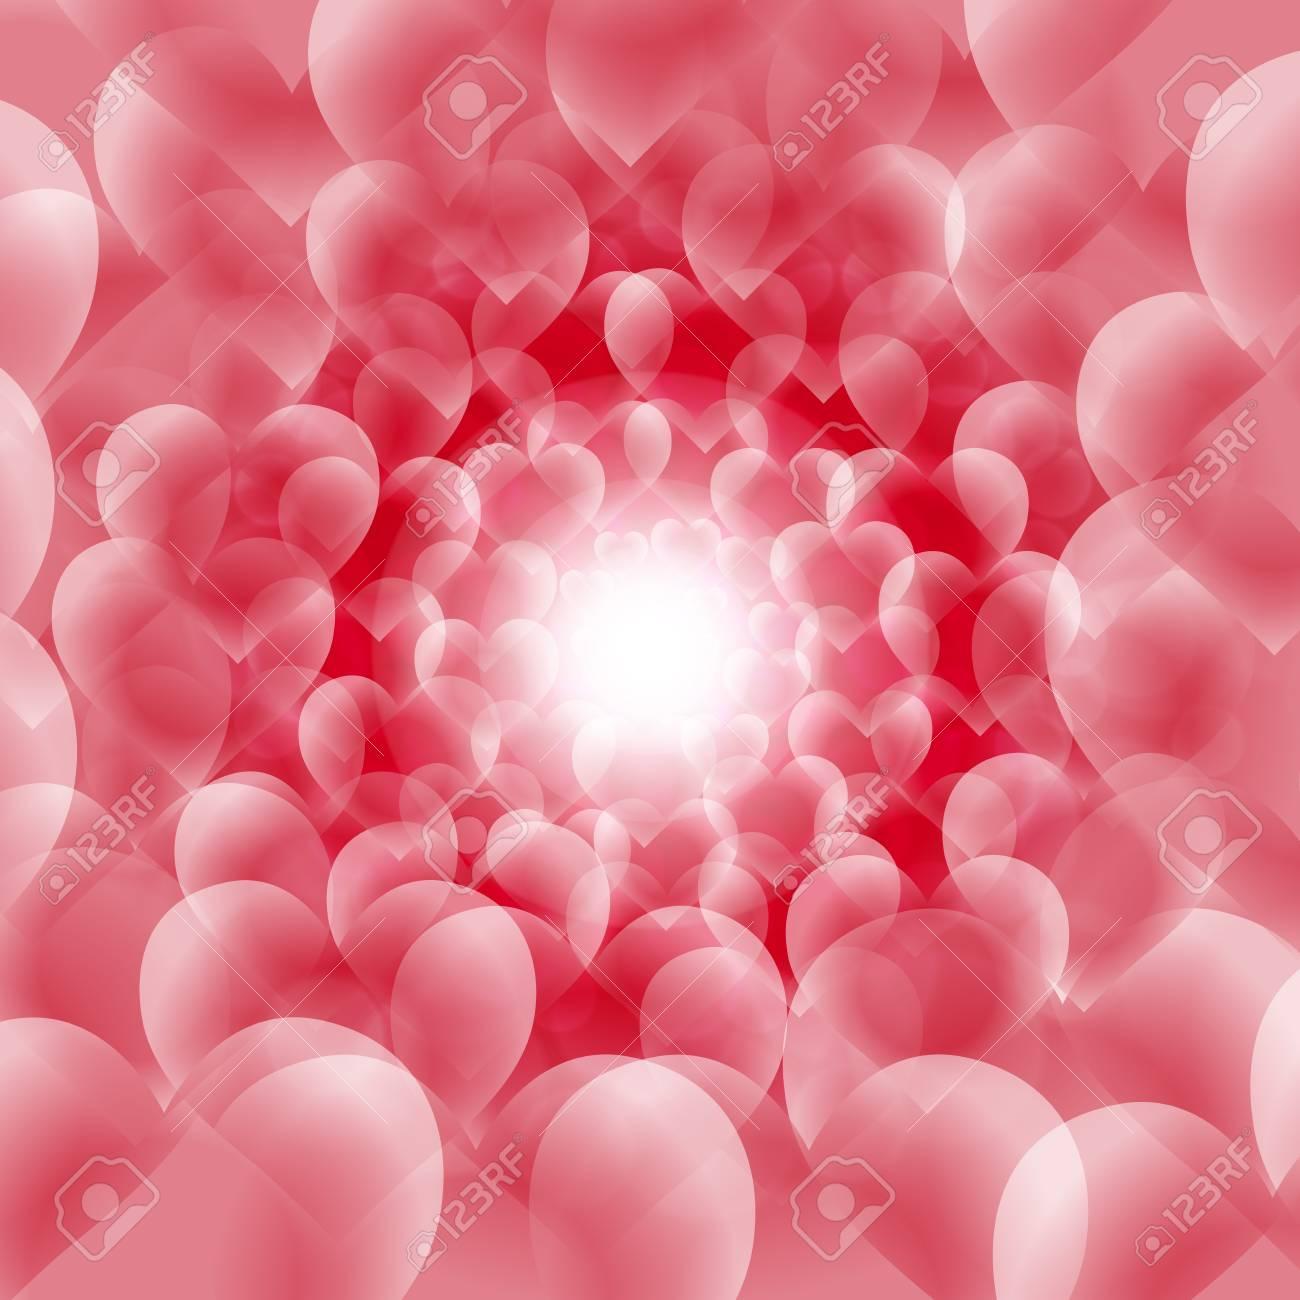 背景素材壁紙 ハート柄 バレンタインデー ホワイトデー 光 輝き